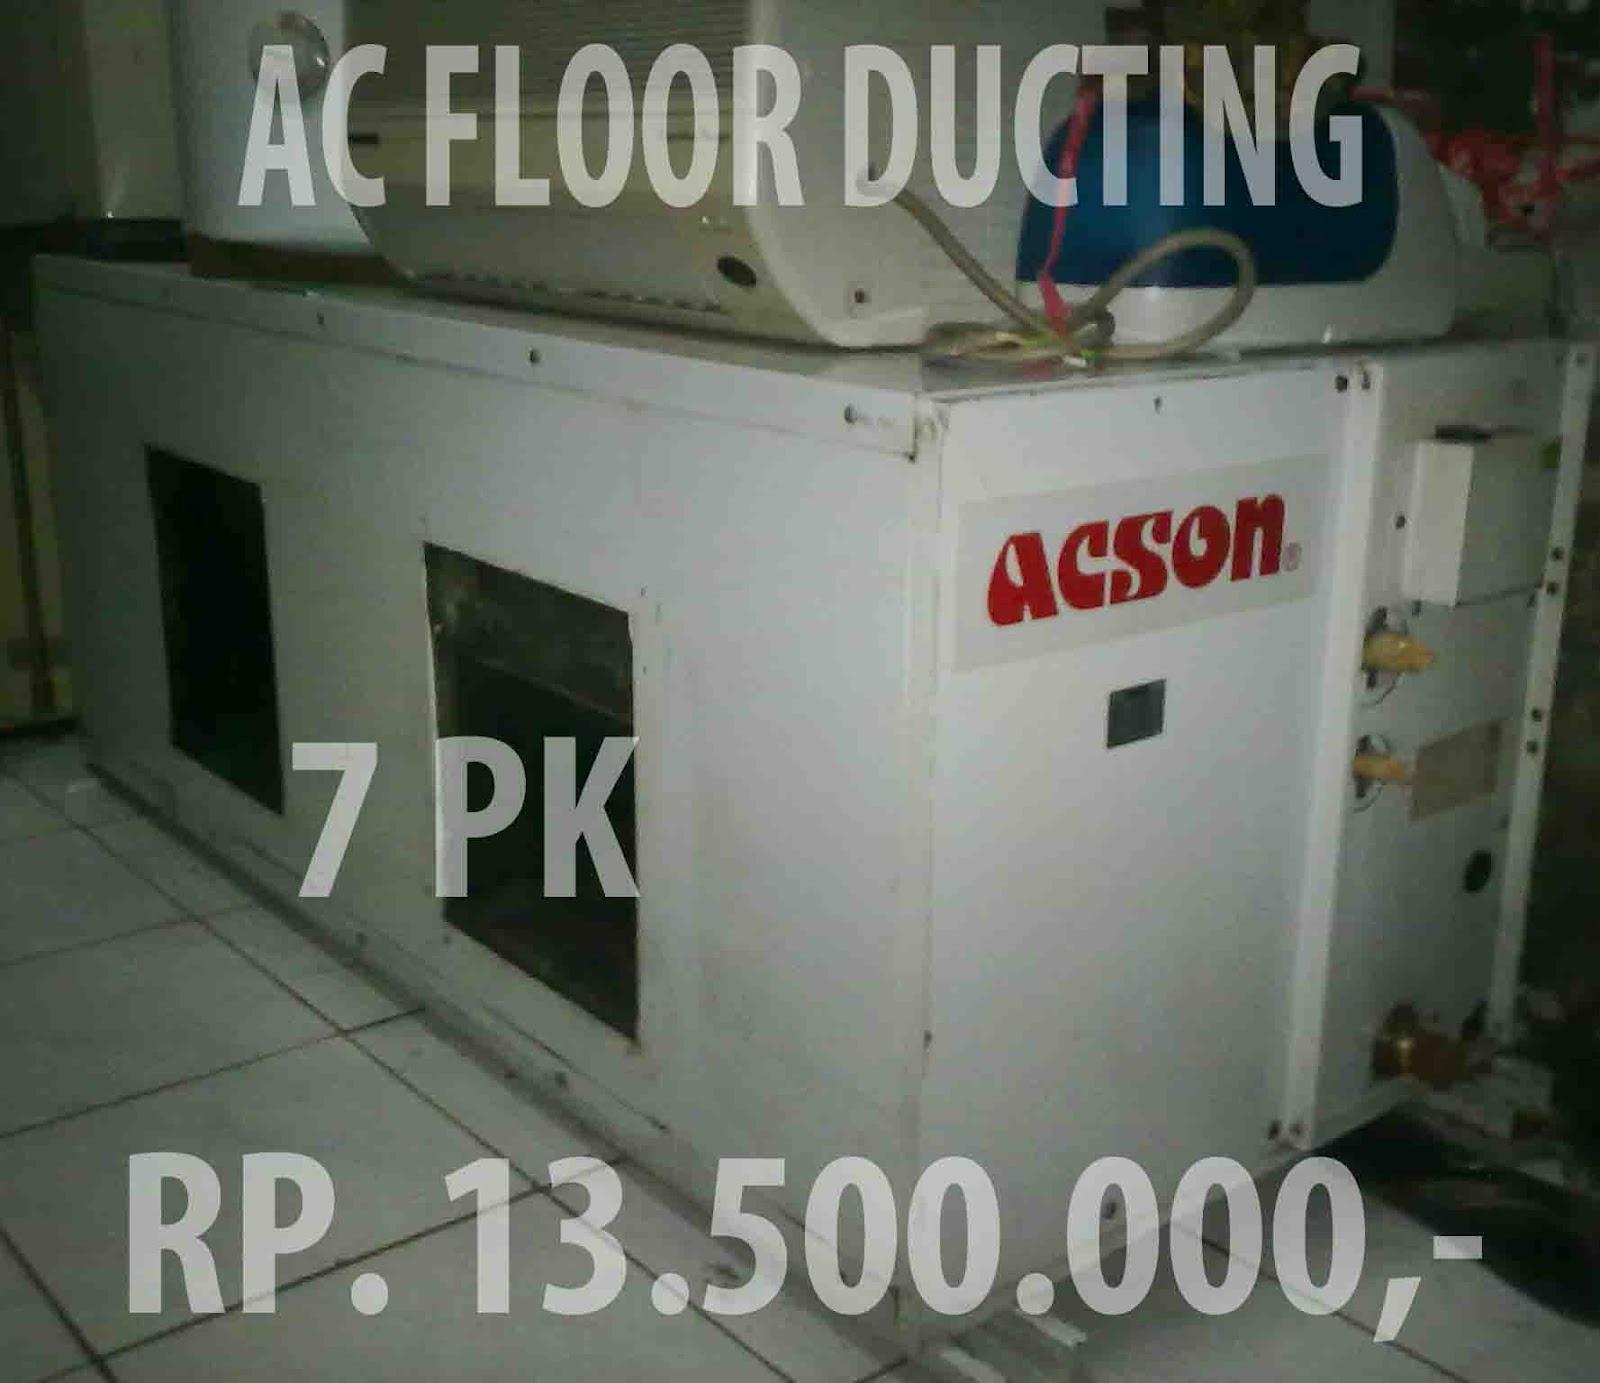 floor ducting ac bekas murah lokasi bandung